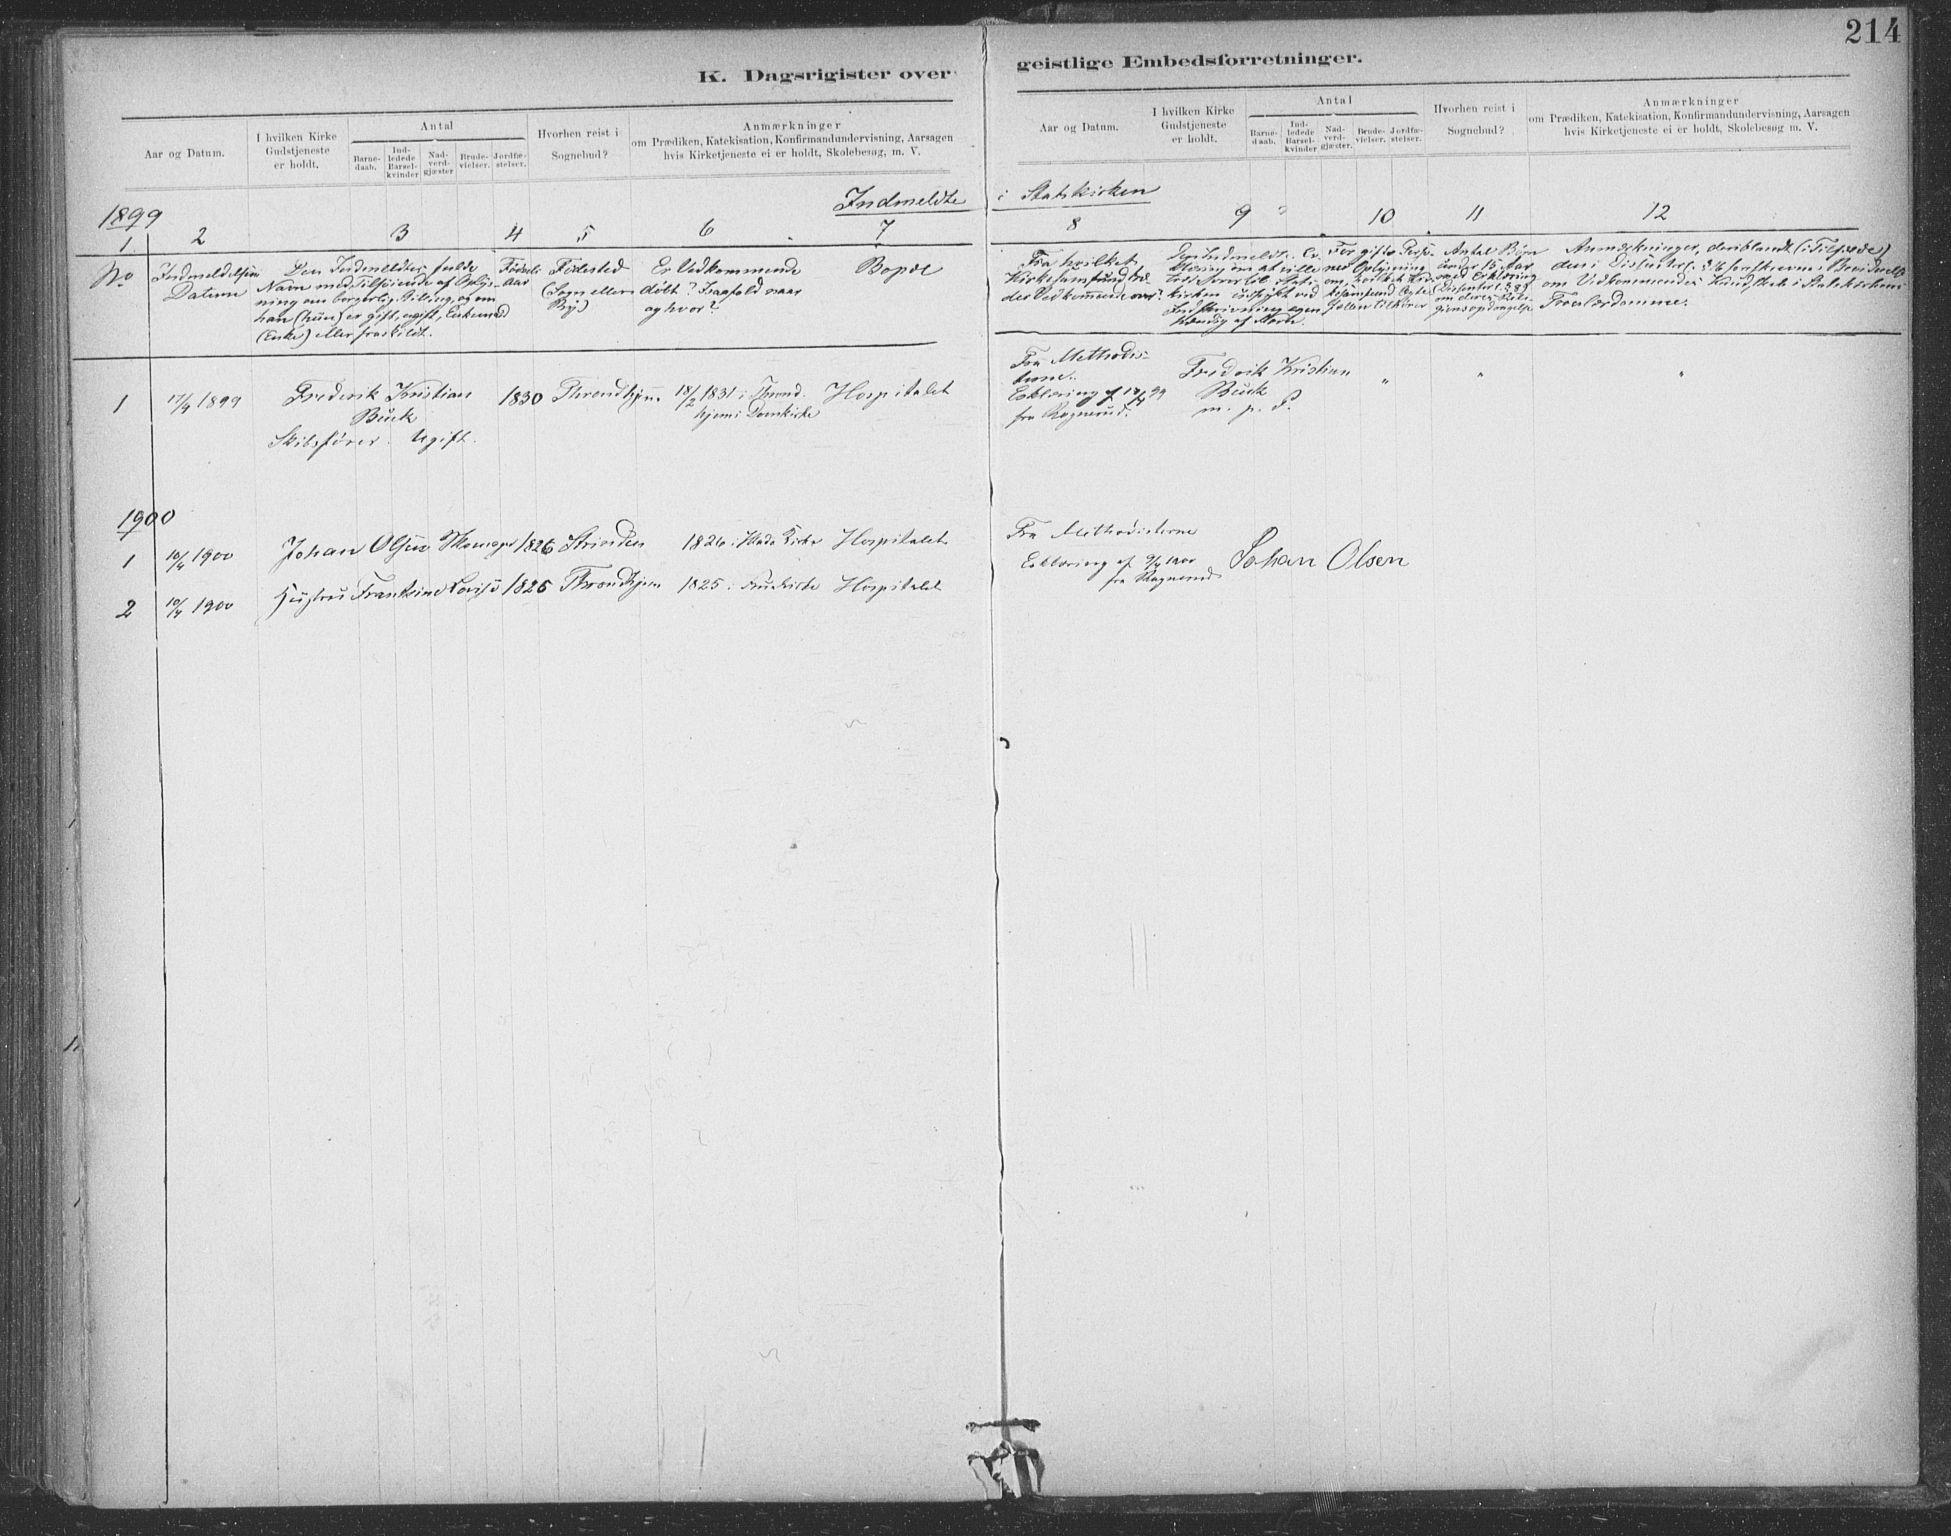 SAT, Ministerialprotokoller, klokkerbøker og fødselsregistre - Sør-Trøndelag, 623/L0470: Ministerialbok nr. 623A04, 1884-1938, s. 214